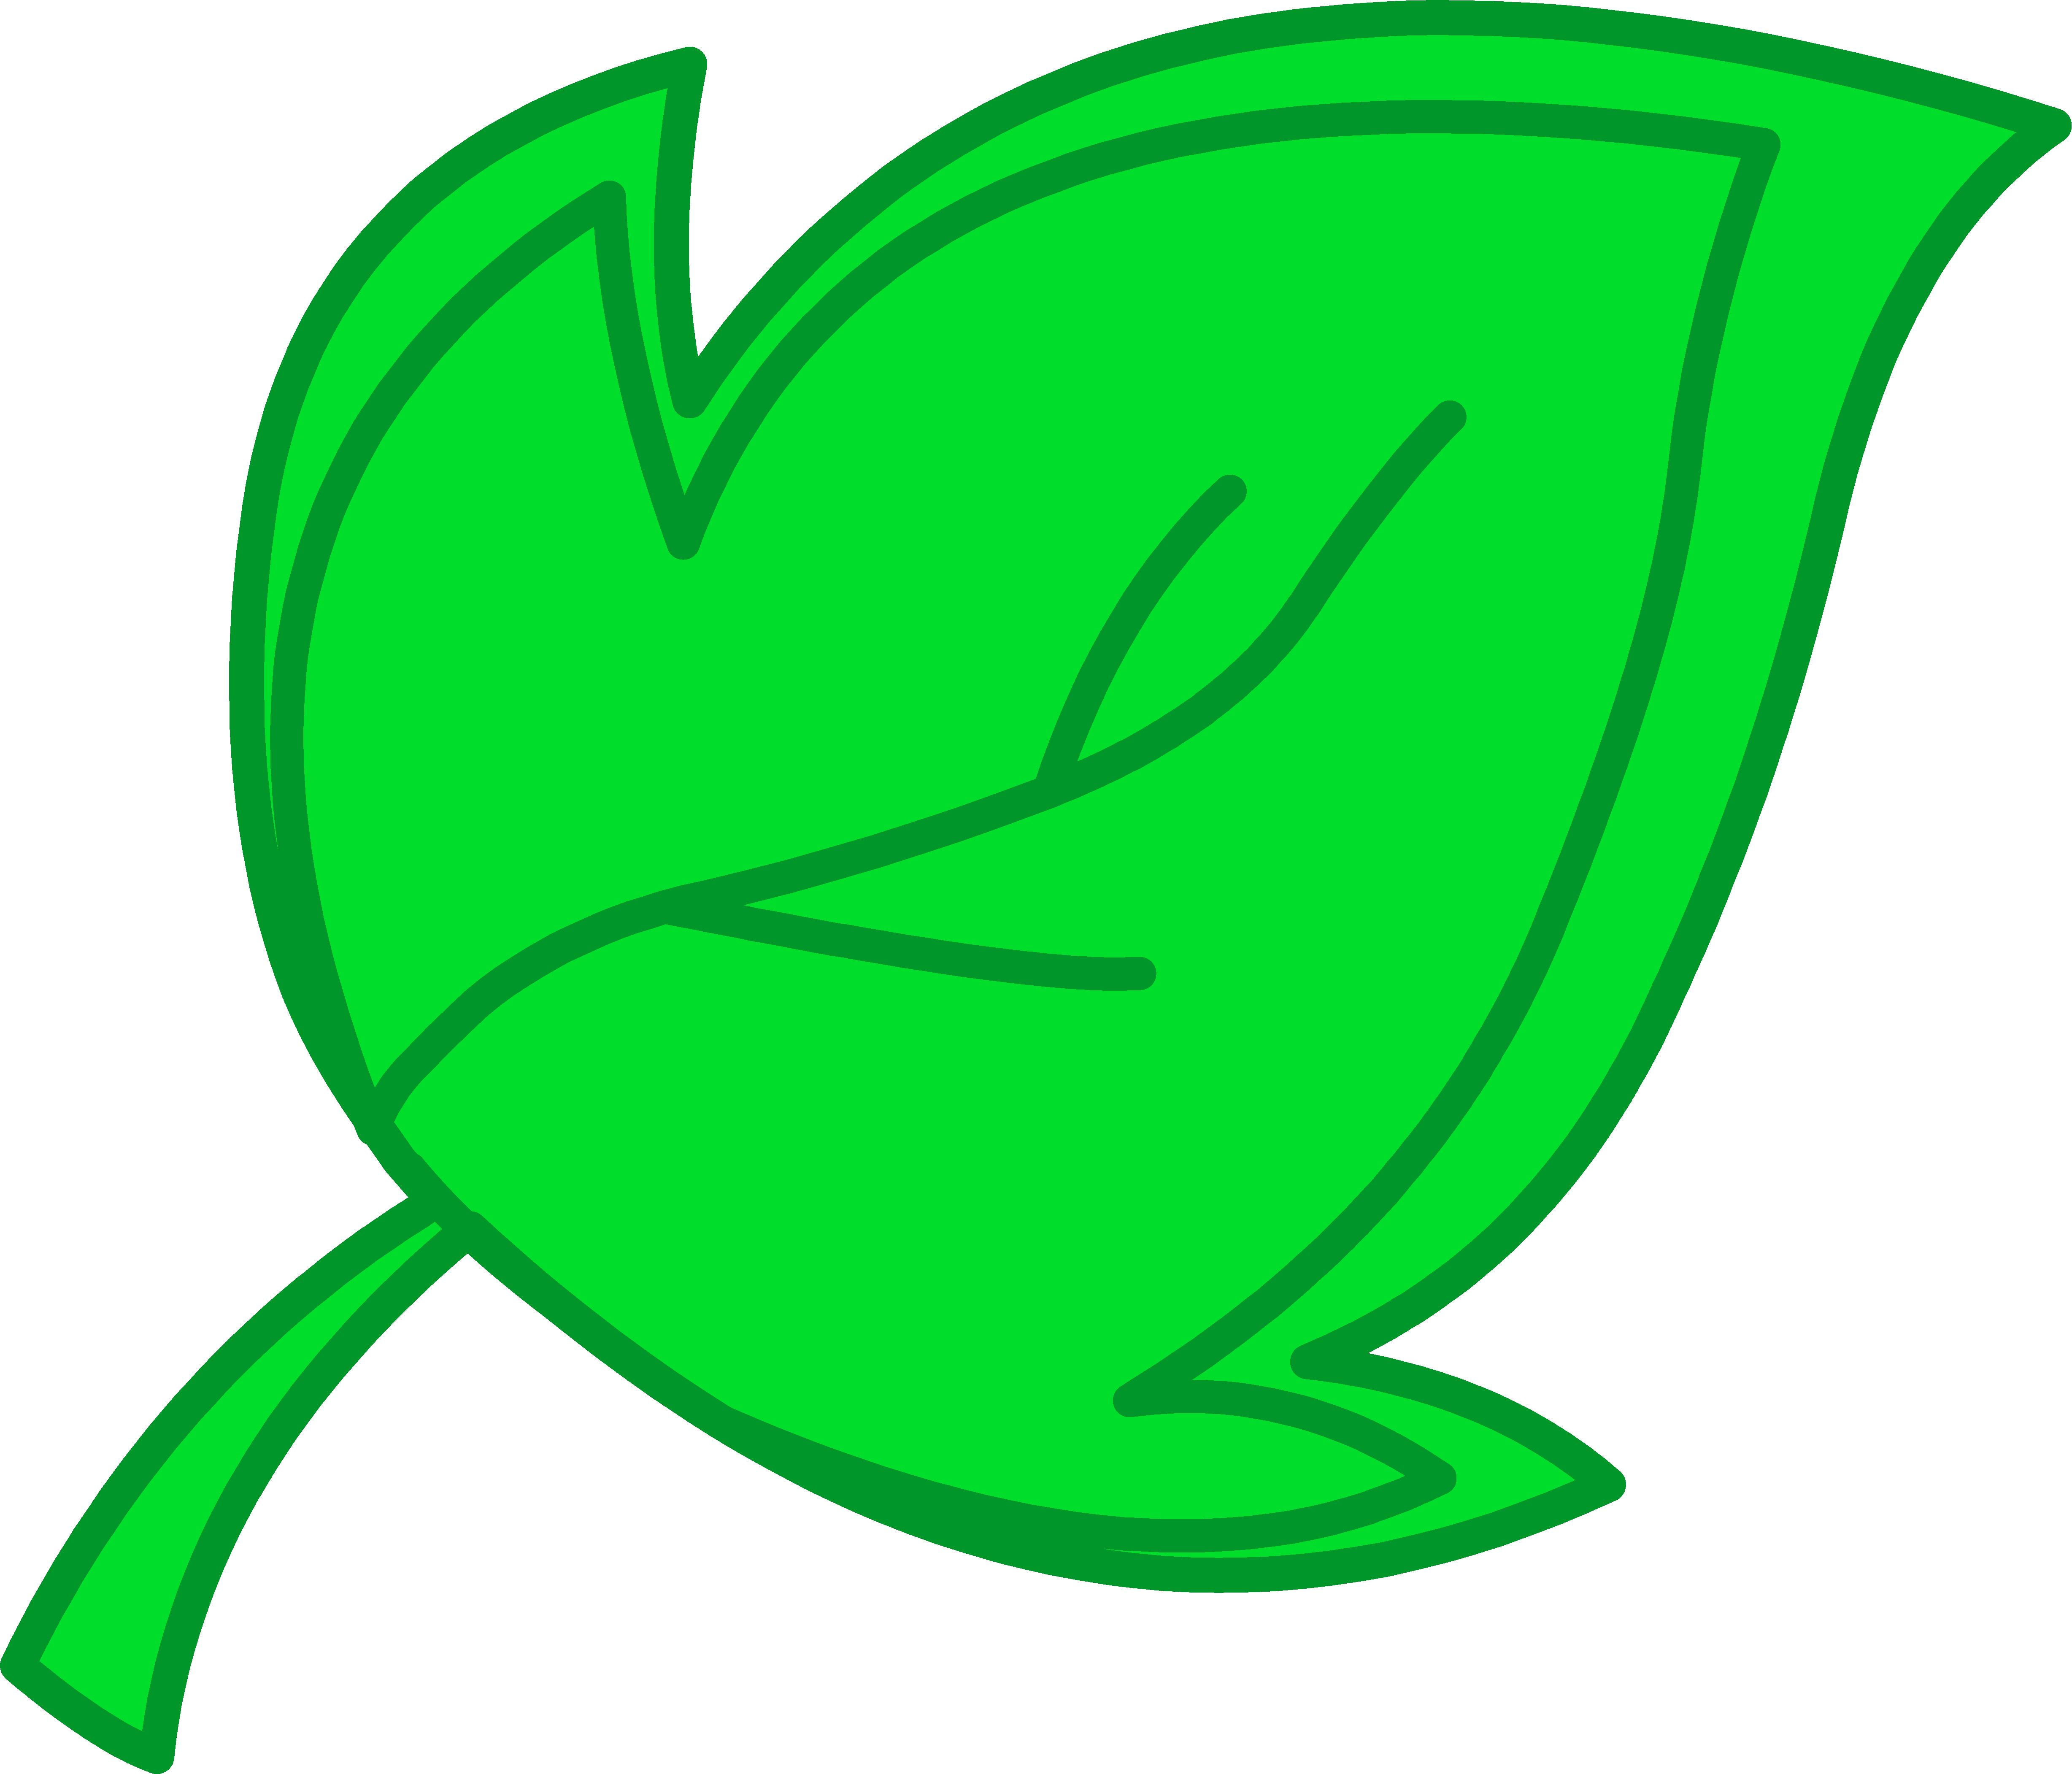 4911x4204 Green Tree Leaf Clipart Free Clip Art